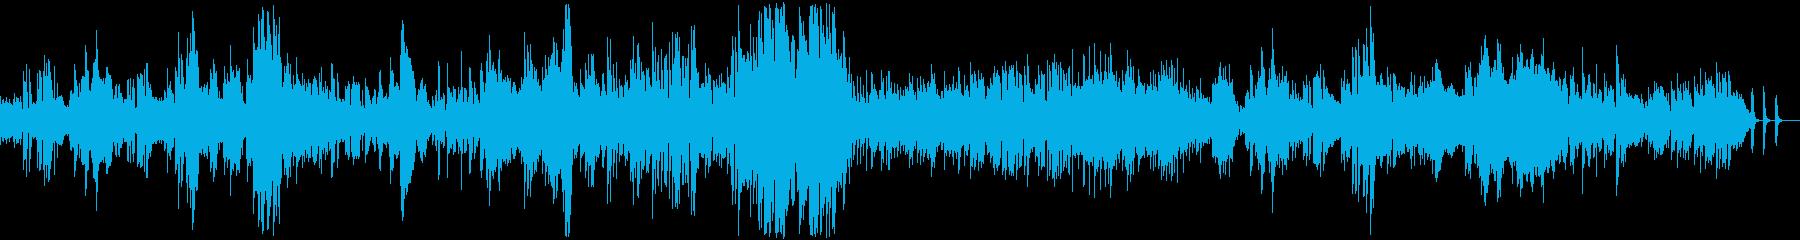 パスピエ/ドビュッシー【ピアノソロ】の再生済みの波形